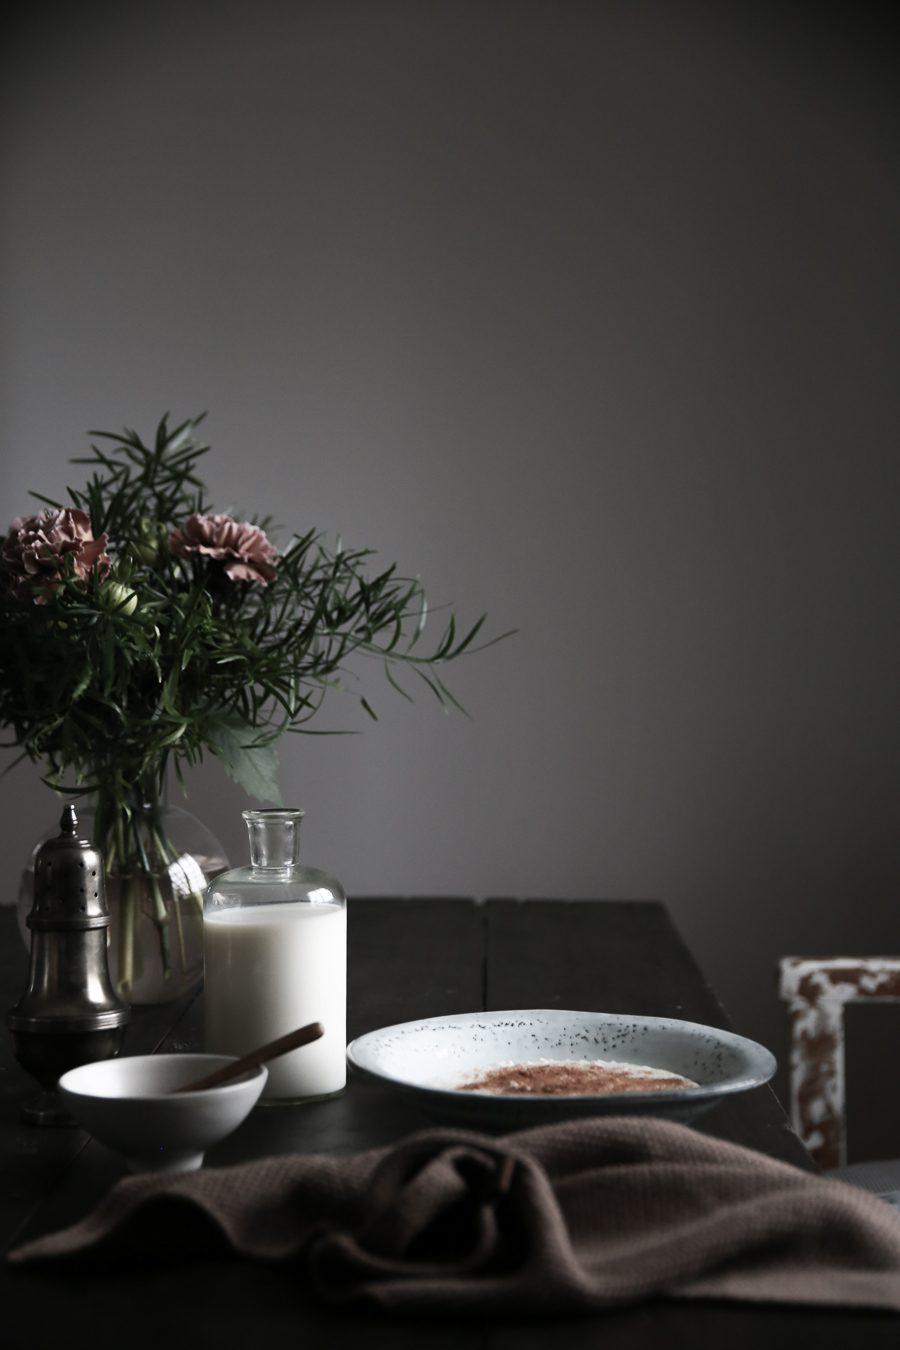 viktoria.holmgren.lovely.life.risgrynsgrot